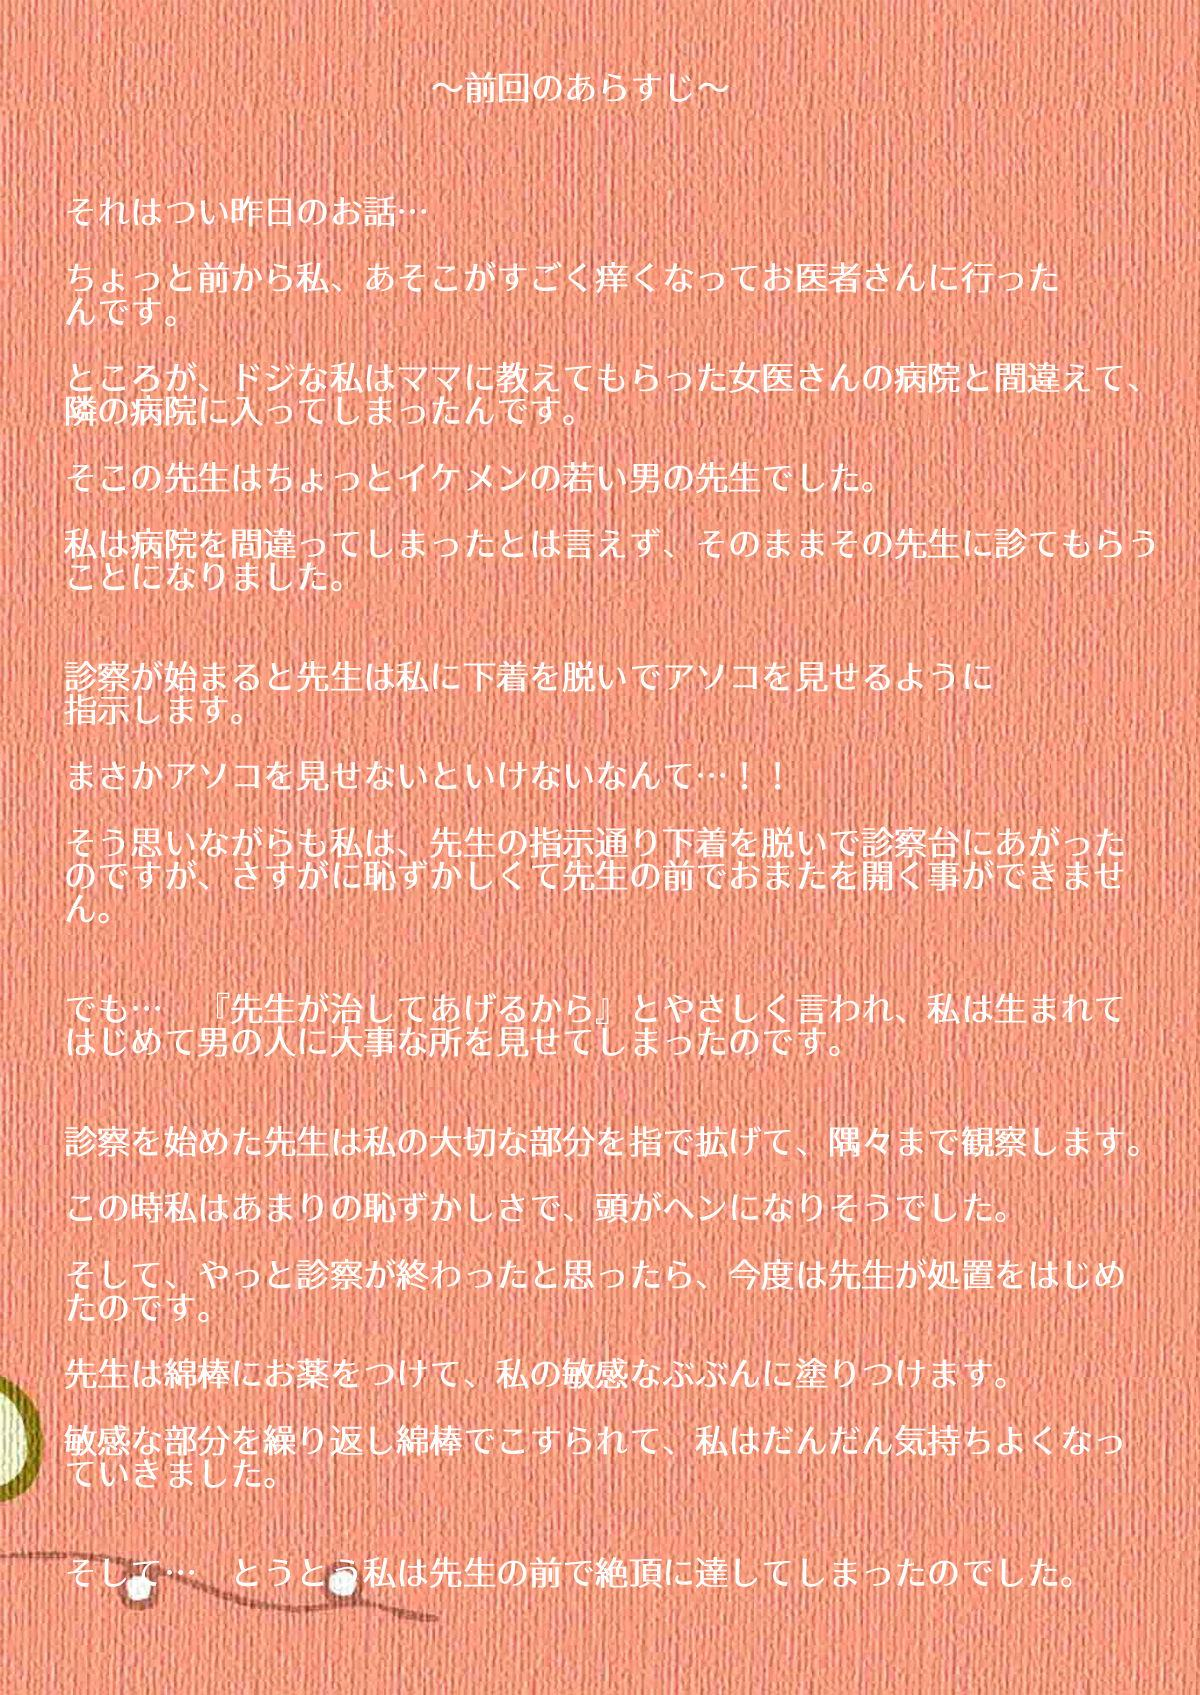 Menbou to Oisha-san Sonogo 2